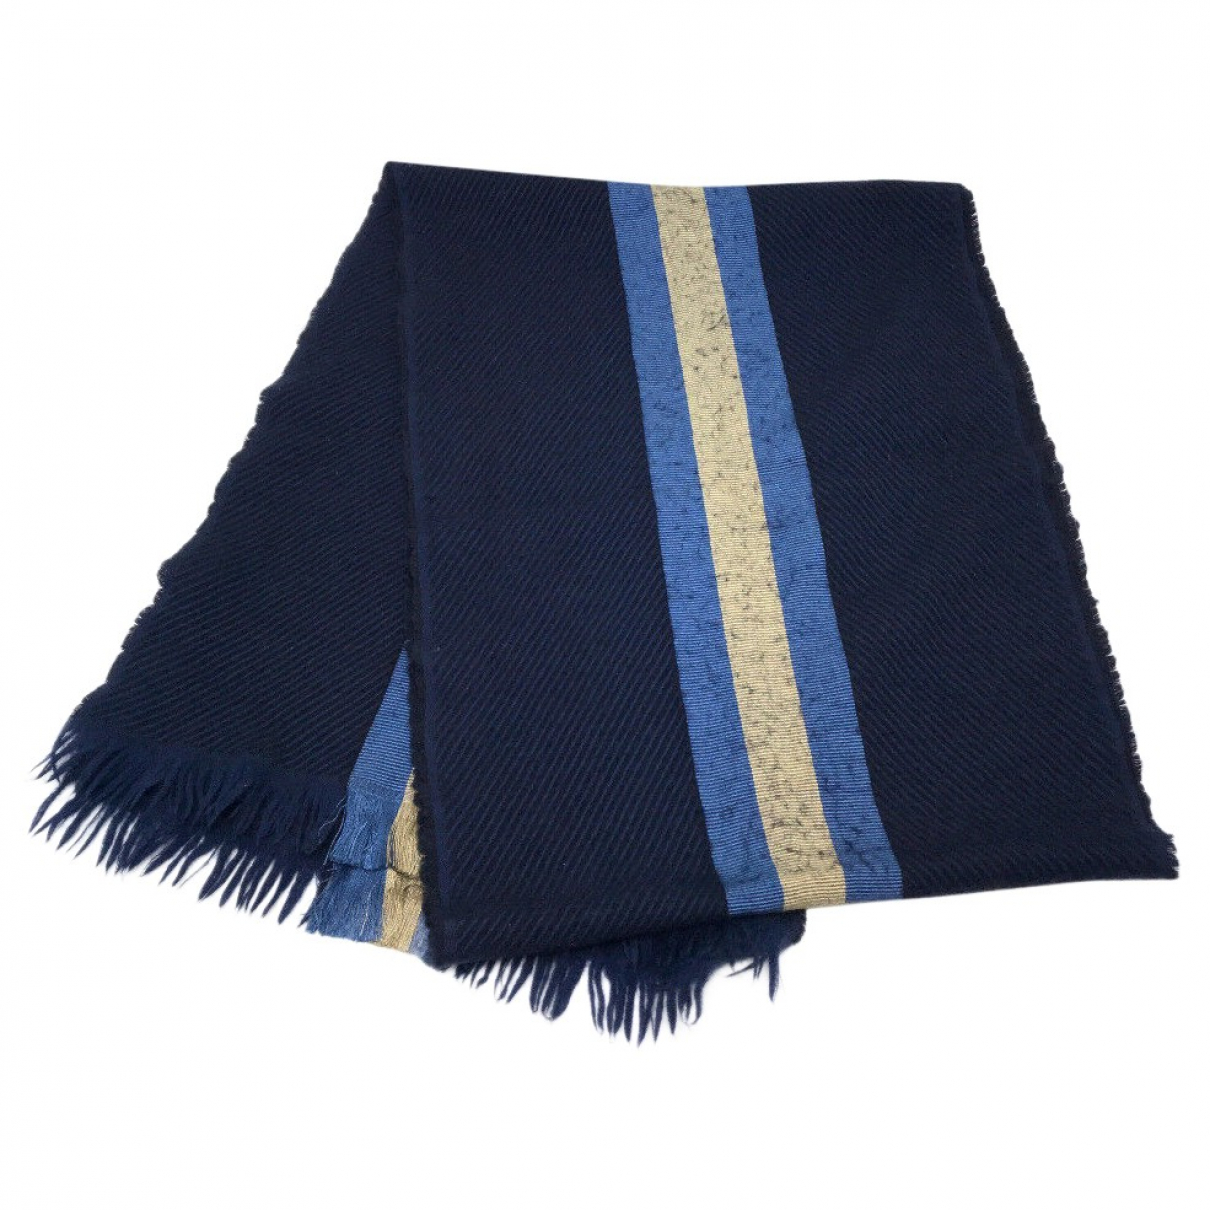 Gucci - Cheches.Echarpes   pour homme en laine - multicolore